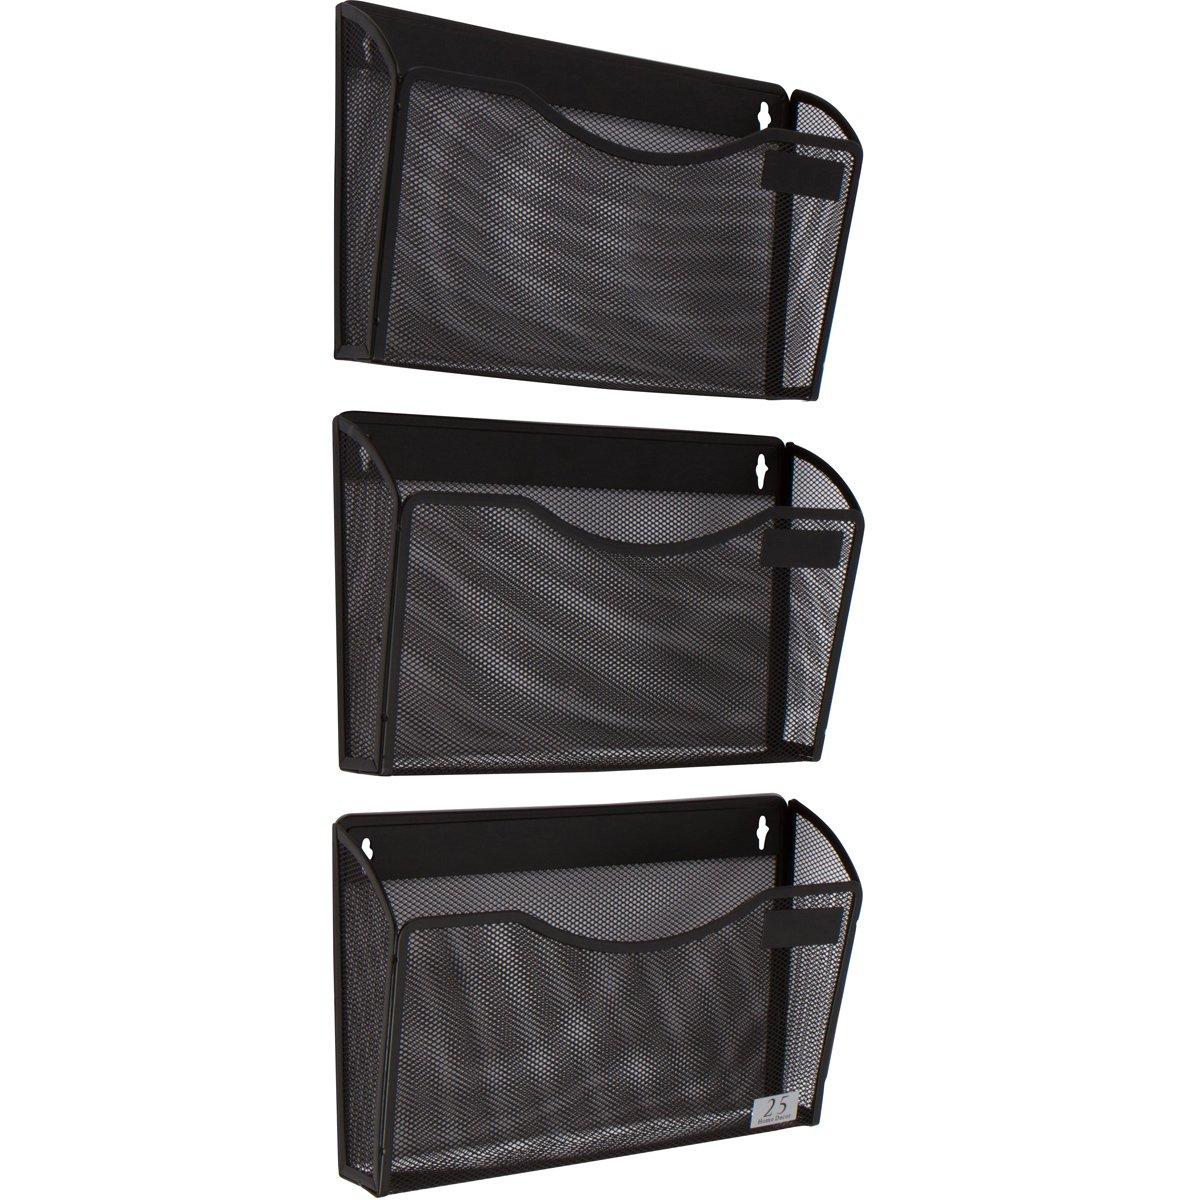 3 Pocket Wall Mount File Hanging Organizer, Metal Mesh Office Home Folder Binder Holder Magazine Mail Sorter Rack + Hardware, Black by 25 Home Decor